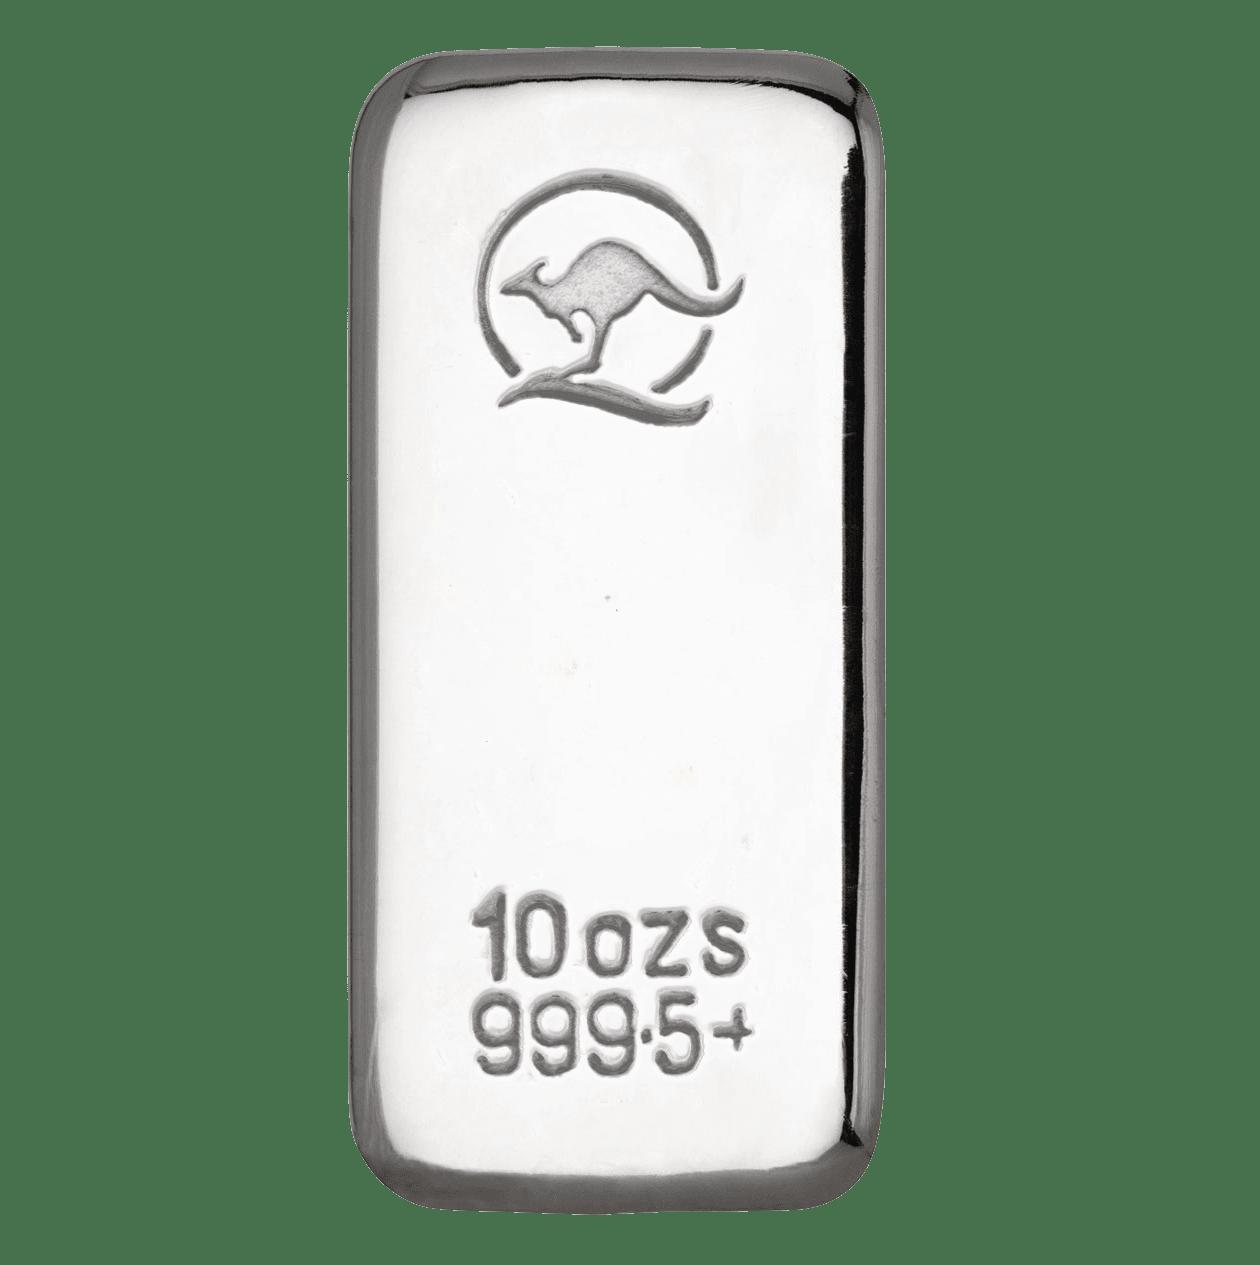 10oz-qmint-silver-cast-bar-min-png-min